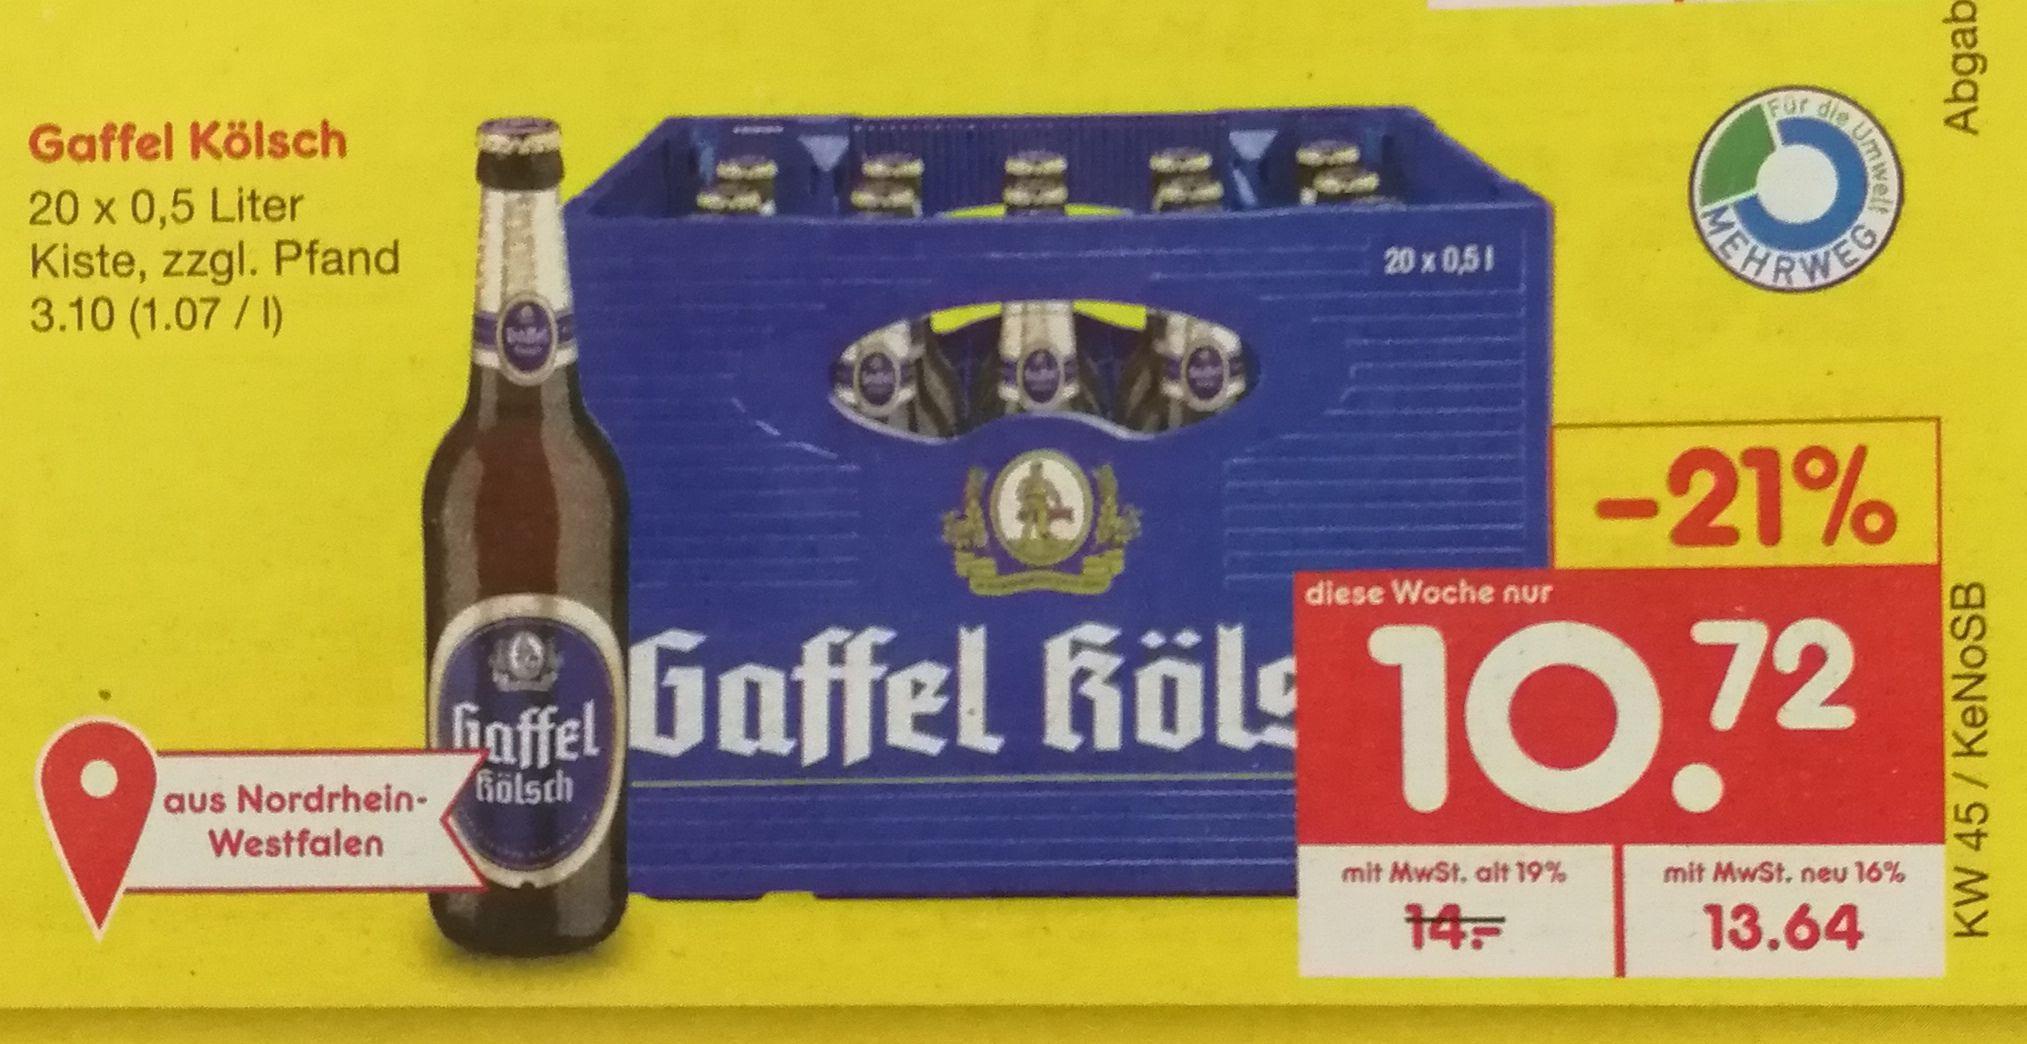 Netto - Kasten Gaffel Kölsch (20 x 0,5 l) - wohl NICHT bundesweit